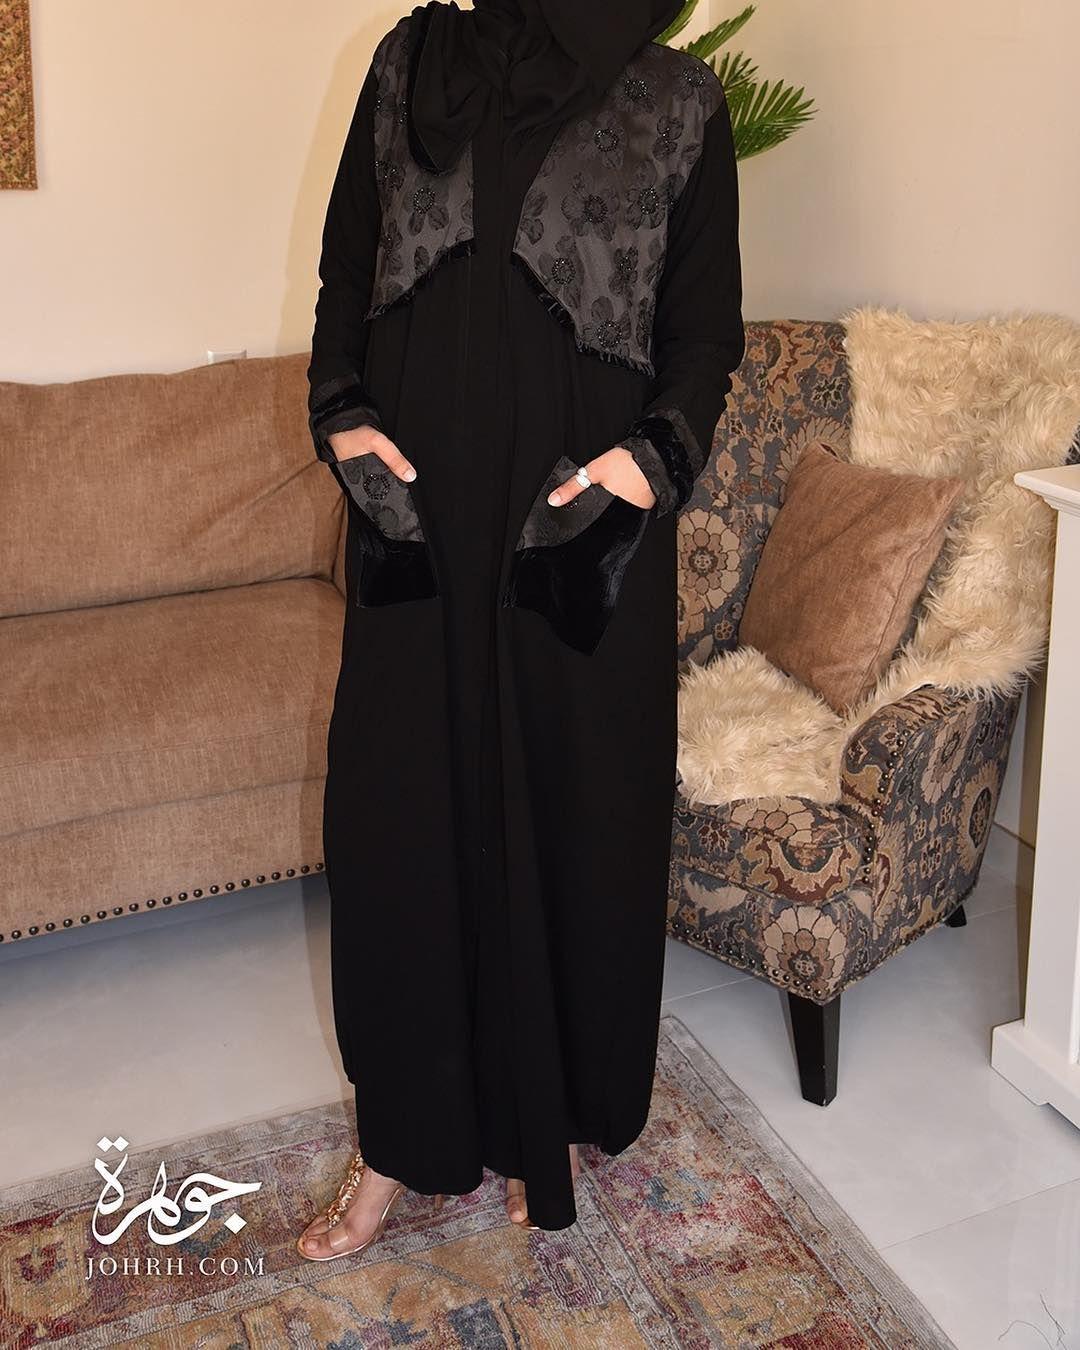 عباية من الكريب الملكي والمزينة في الصدر بتفته مزخرفة بالورود والمطعمة بالكرستال ويتداخل معها المخمل ليزين أيضا أكمام العباية الضيقة Maxi Dress Fashion Dresses